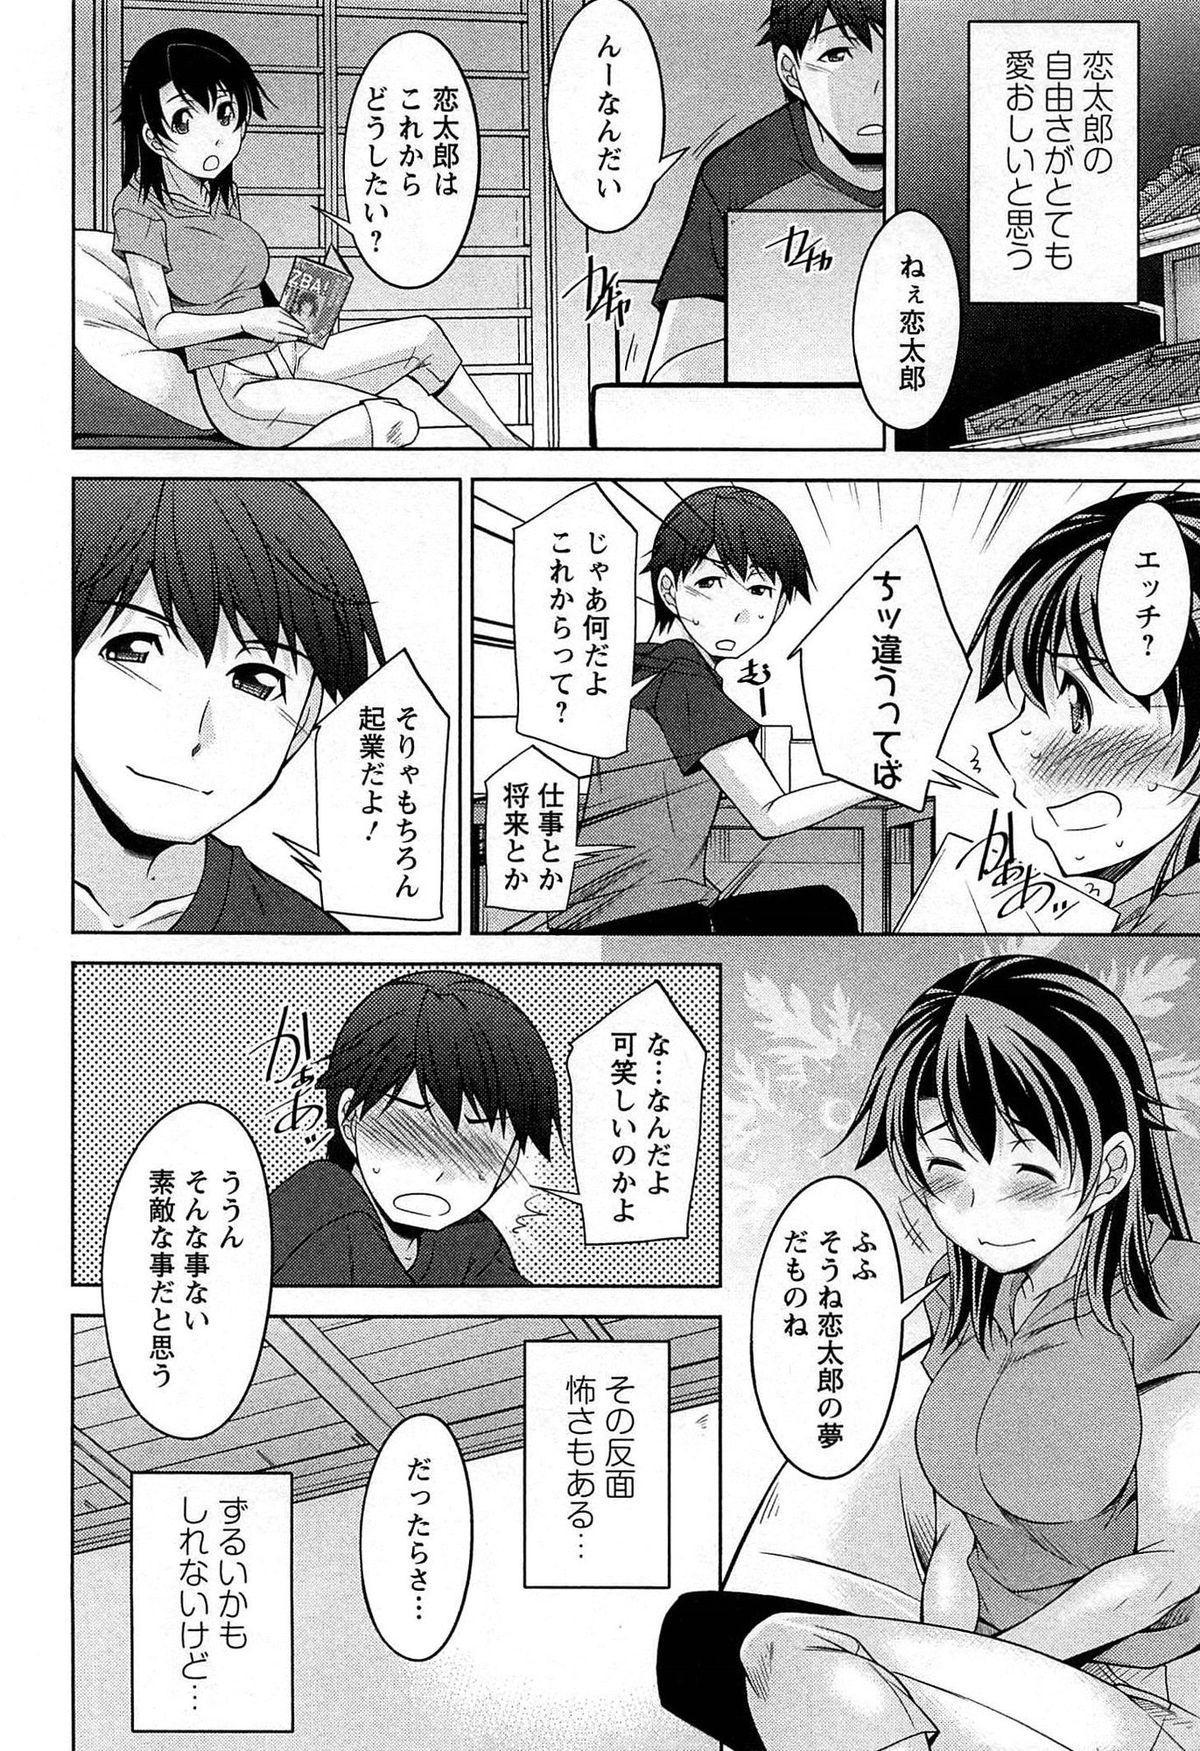 [zen9] Tsuki-wo Ai-Shite - Tsuki-ni Koi-shite 2 110